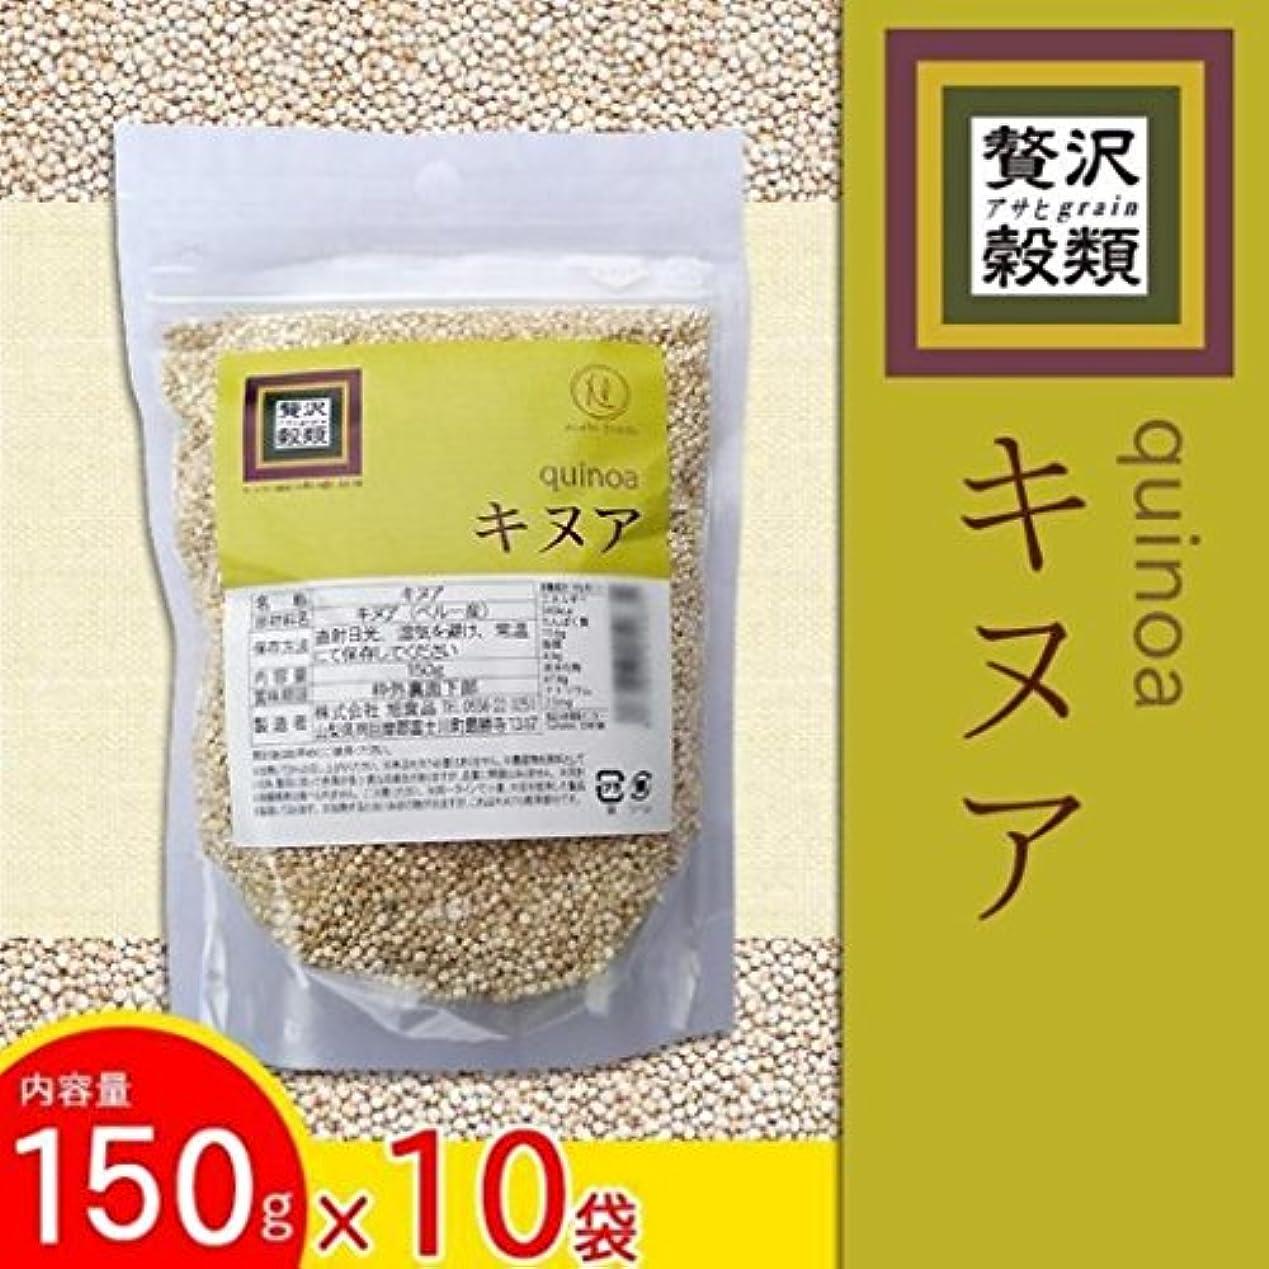 無視導入する激しい贅沢穀類 キヌア 150g×10袋